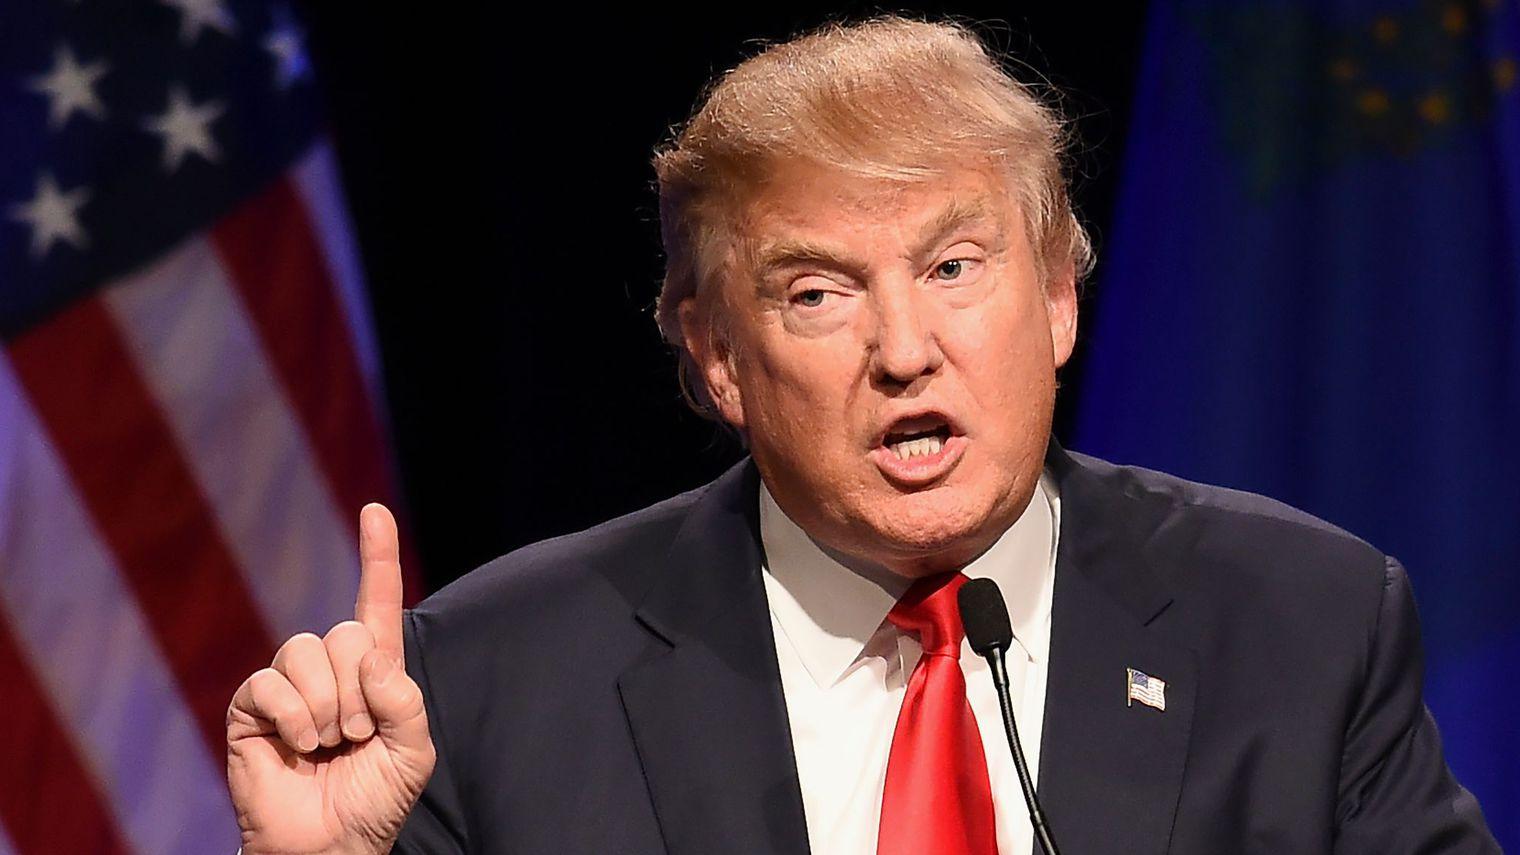 USA : Trump va expulser plus de 2 millions d'immigrants sans-papiers